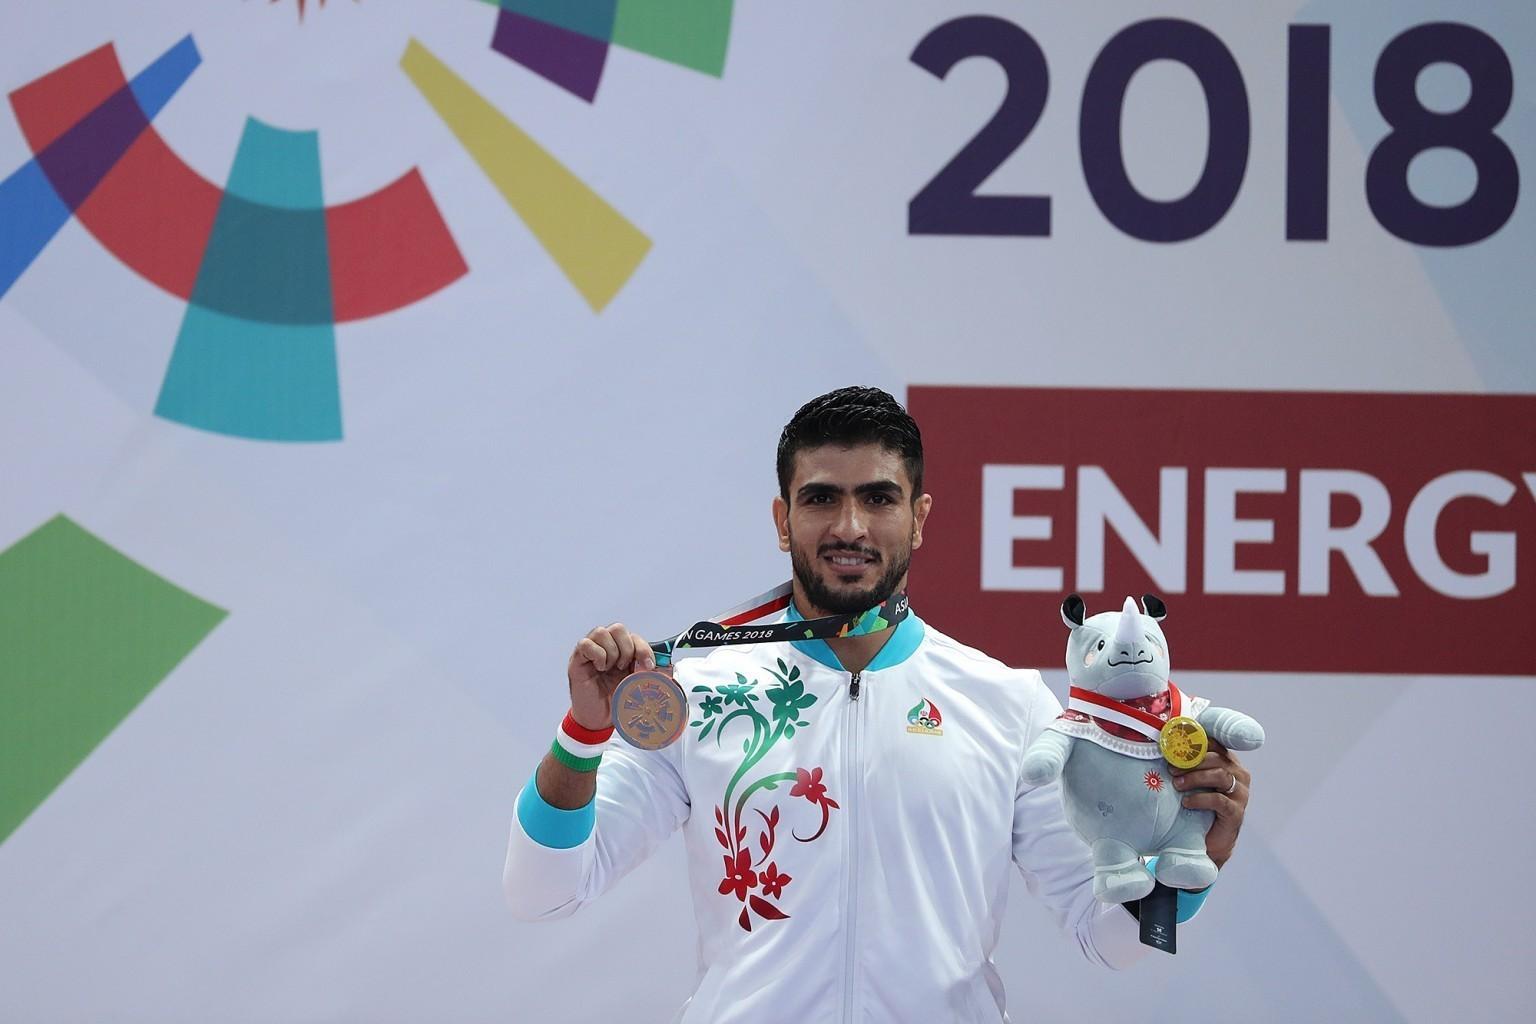 مبلغ پاداش مدالآوران بازیهای آسیایی مشخص شد+ جدول